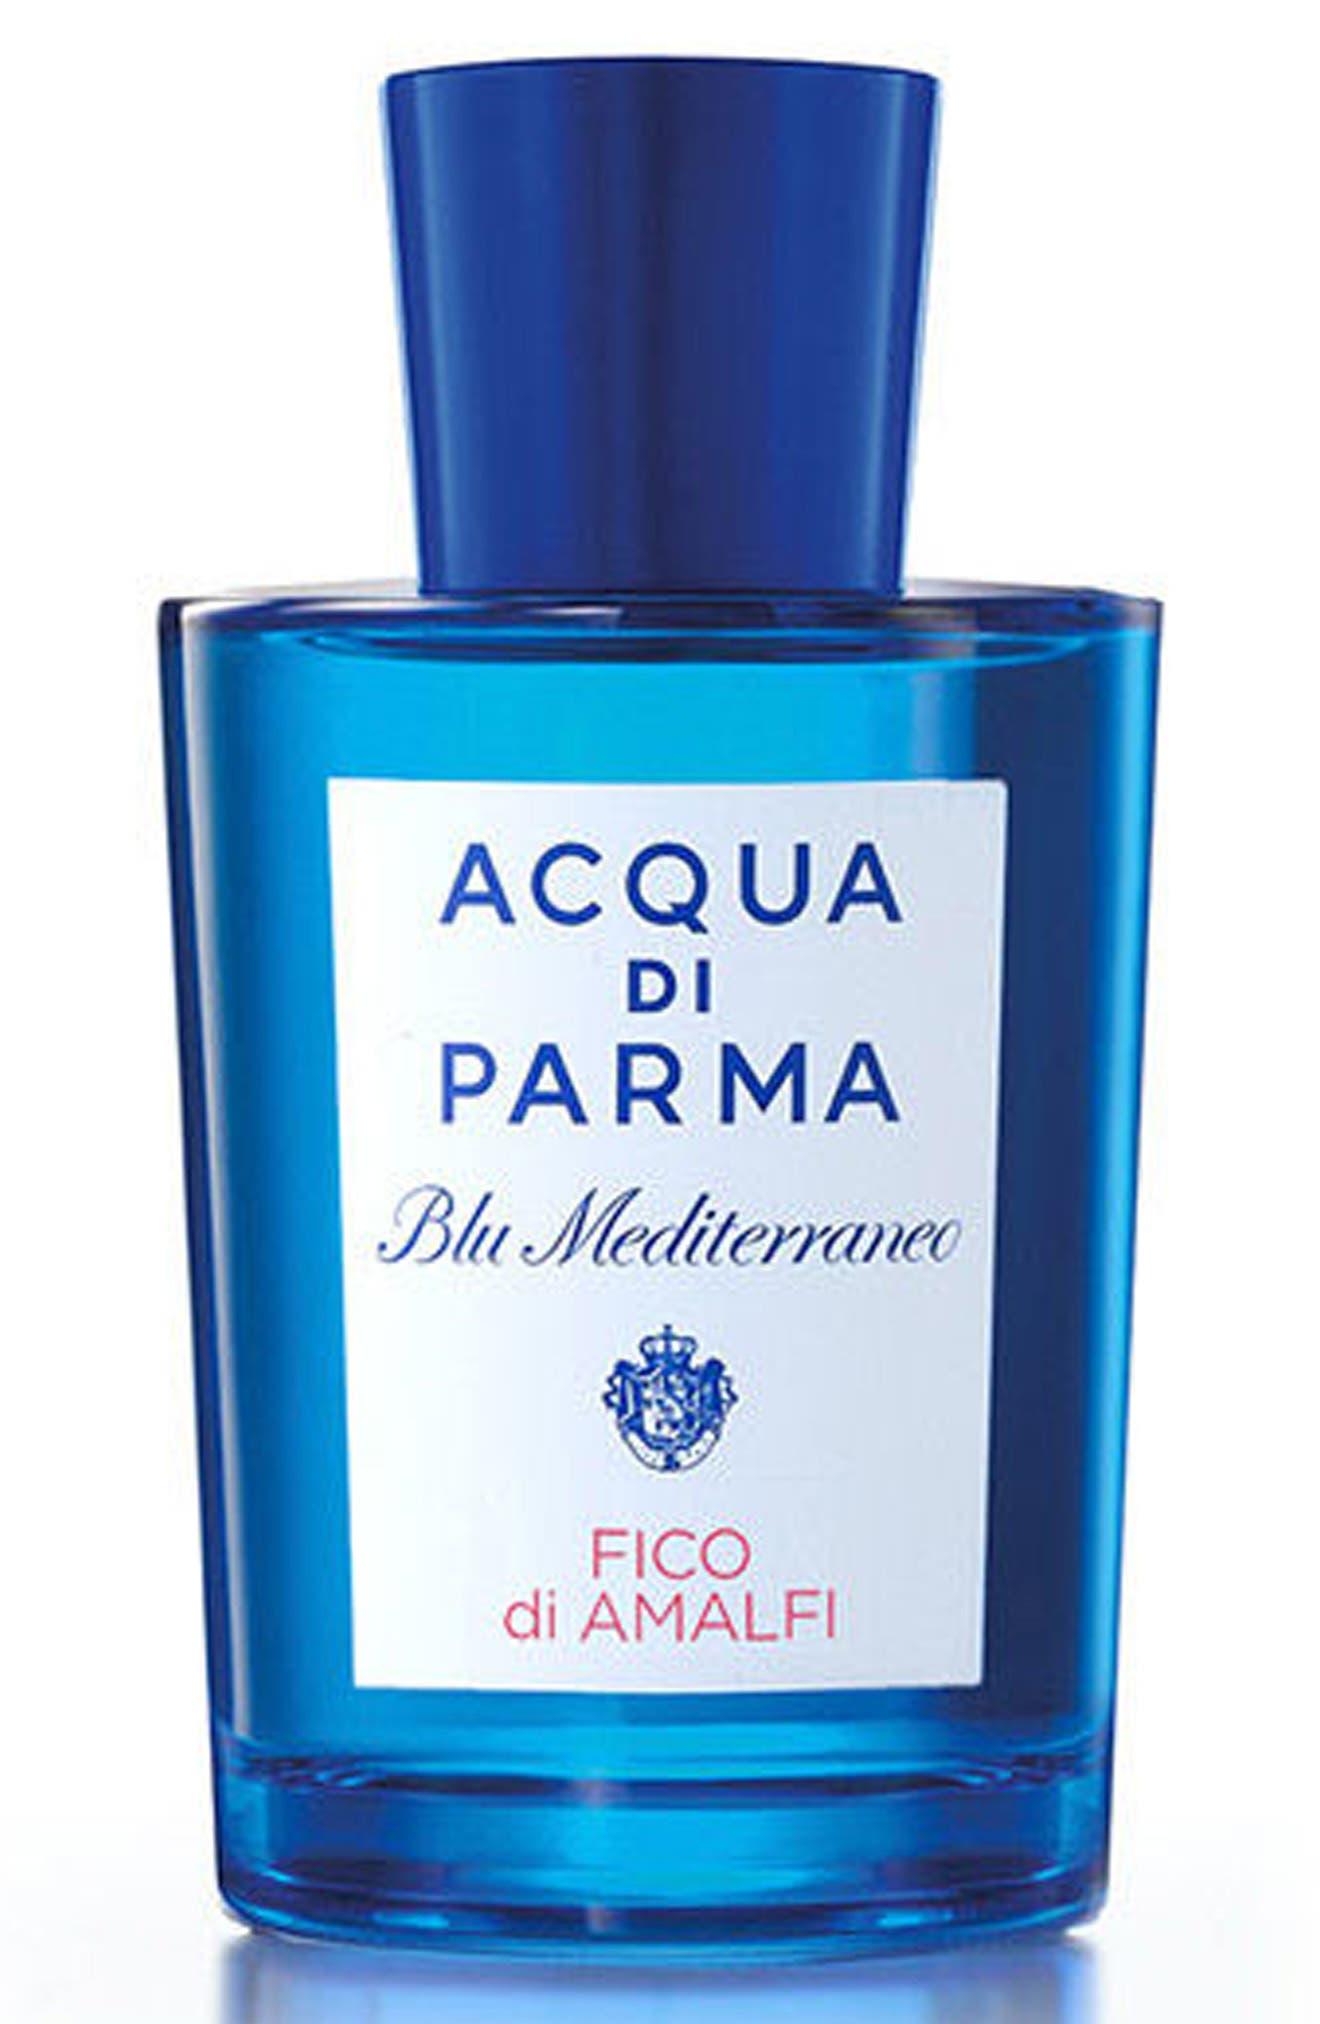 ACQUA DI PARMA,                             'Blu Mediterraneo' Fico di Amalfi Eau de Toilette Spray,                             Alternate thumbnail 3, color,                             NO COLOR